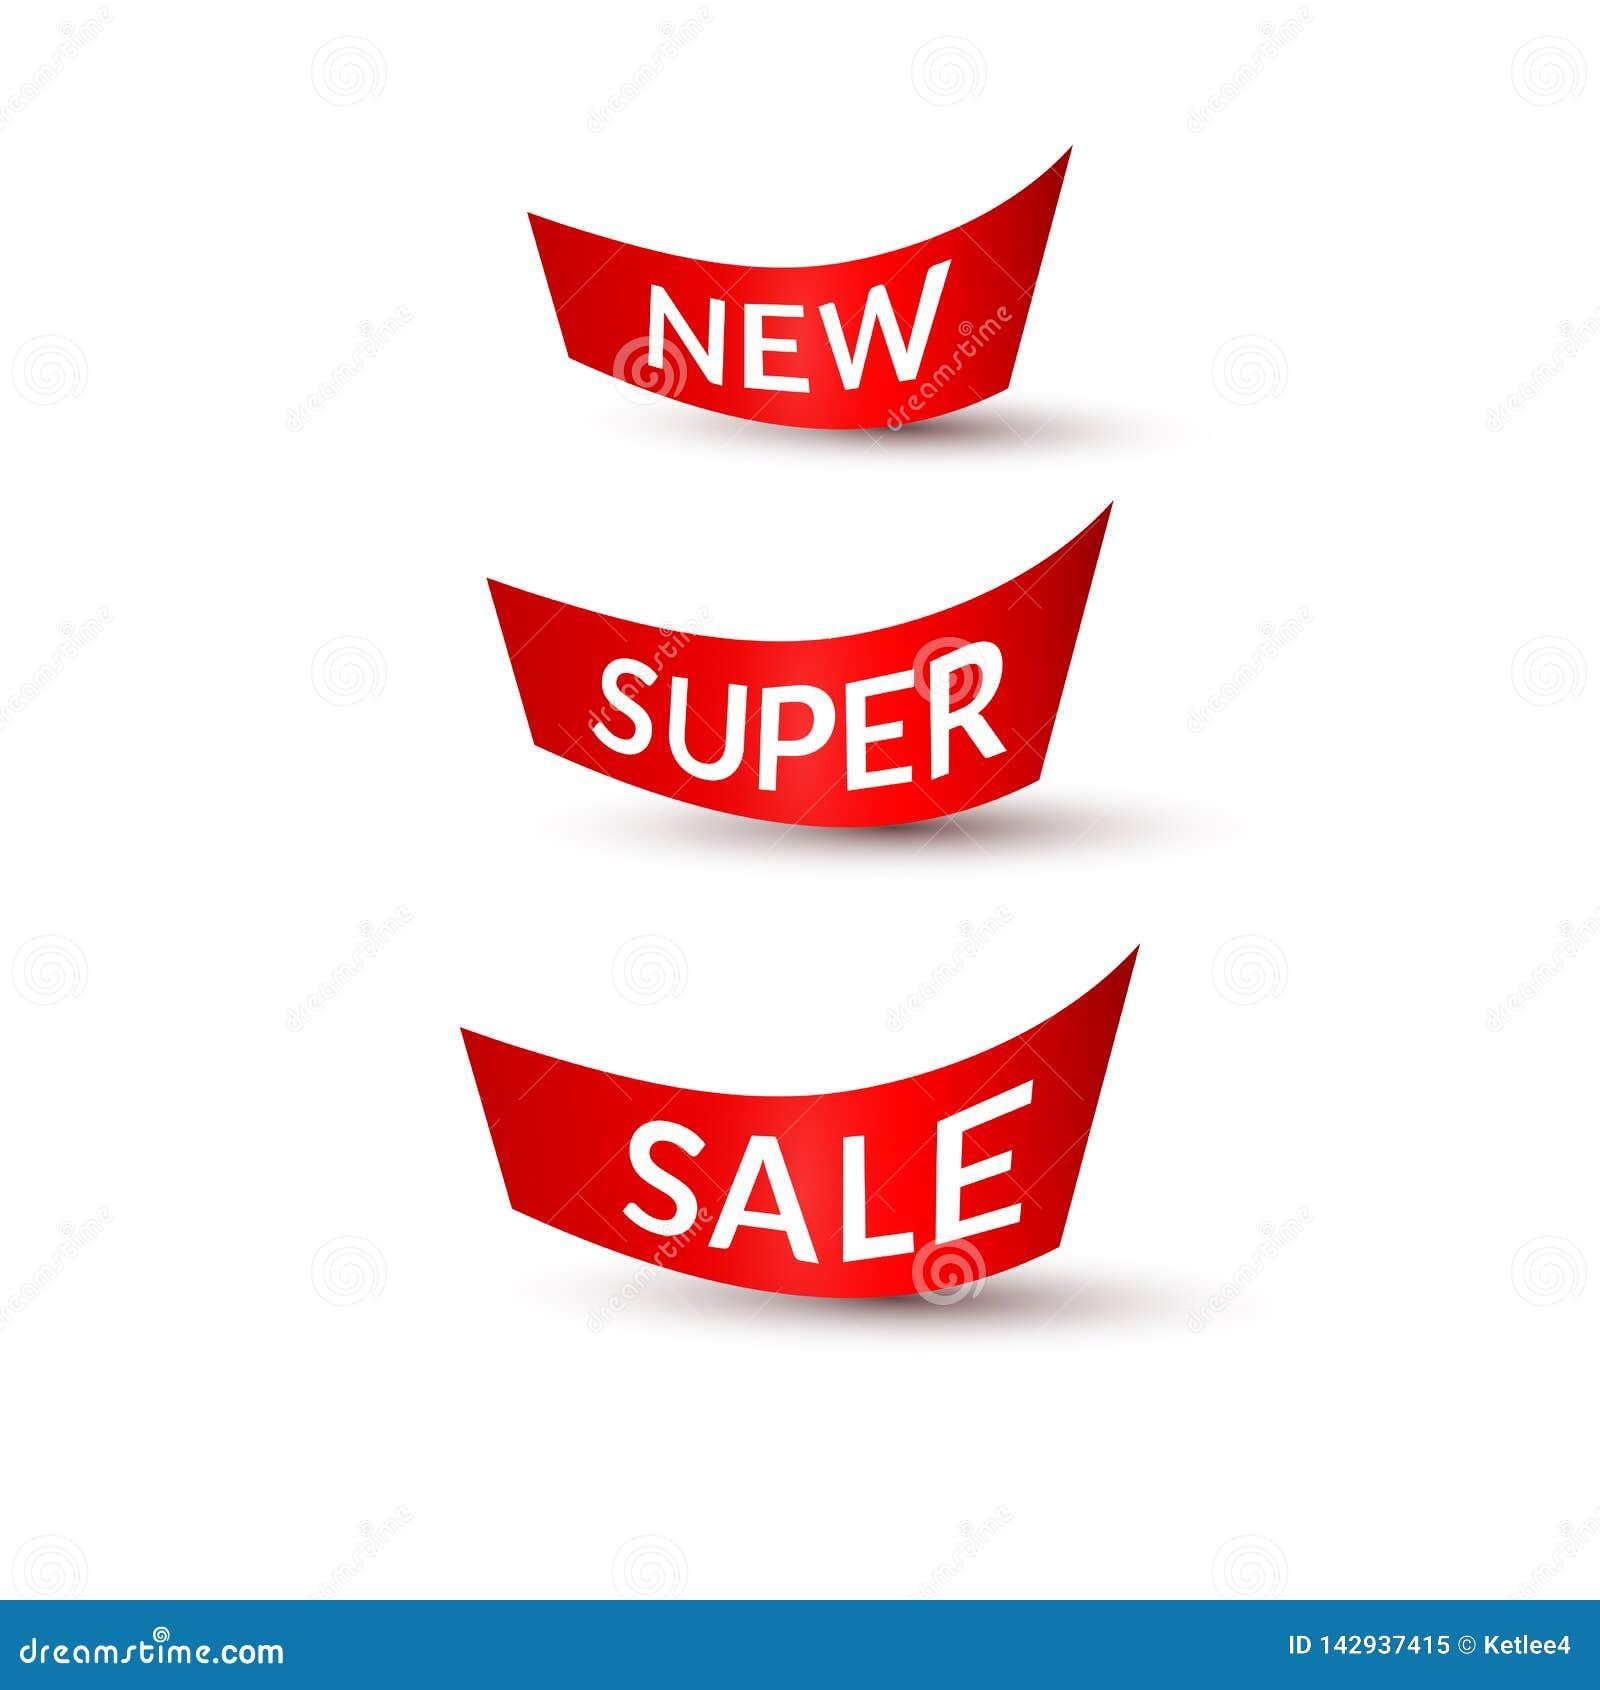 Fitas vermelhas com venda super nova do texto fundo branco no elemento isolado do projeto de anunciar o grupo da promo??o A dos c